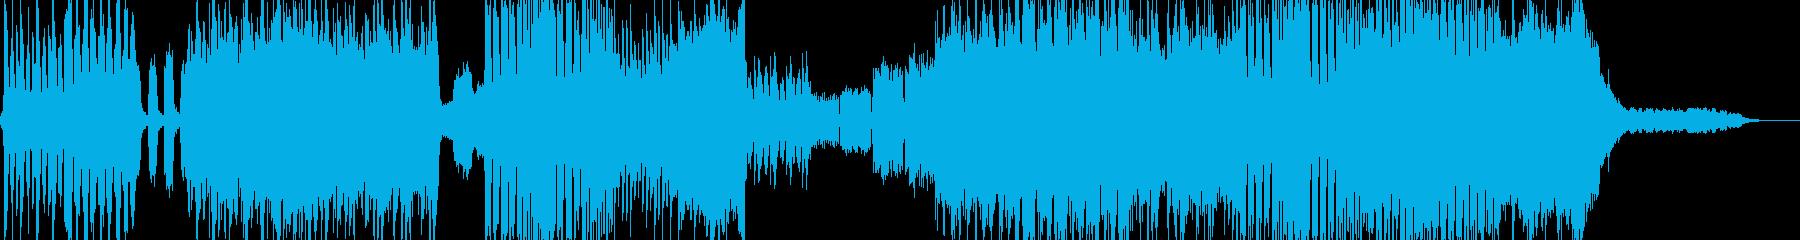 煉獄・救い無きオーケストラ チェンバロ無の再生済みの波形